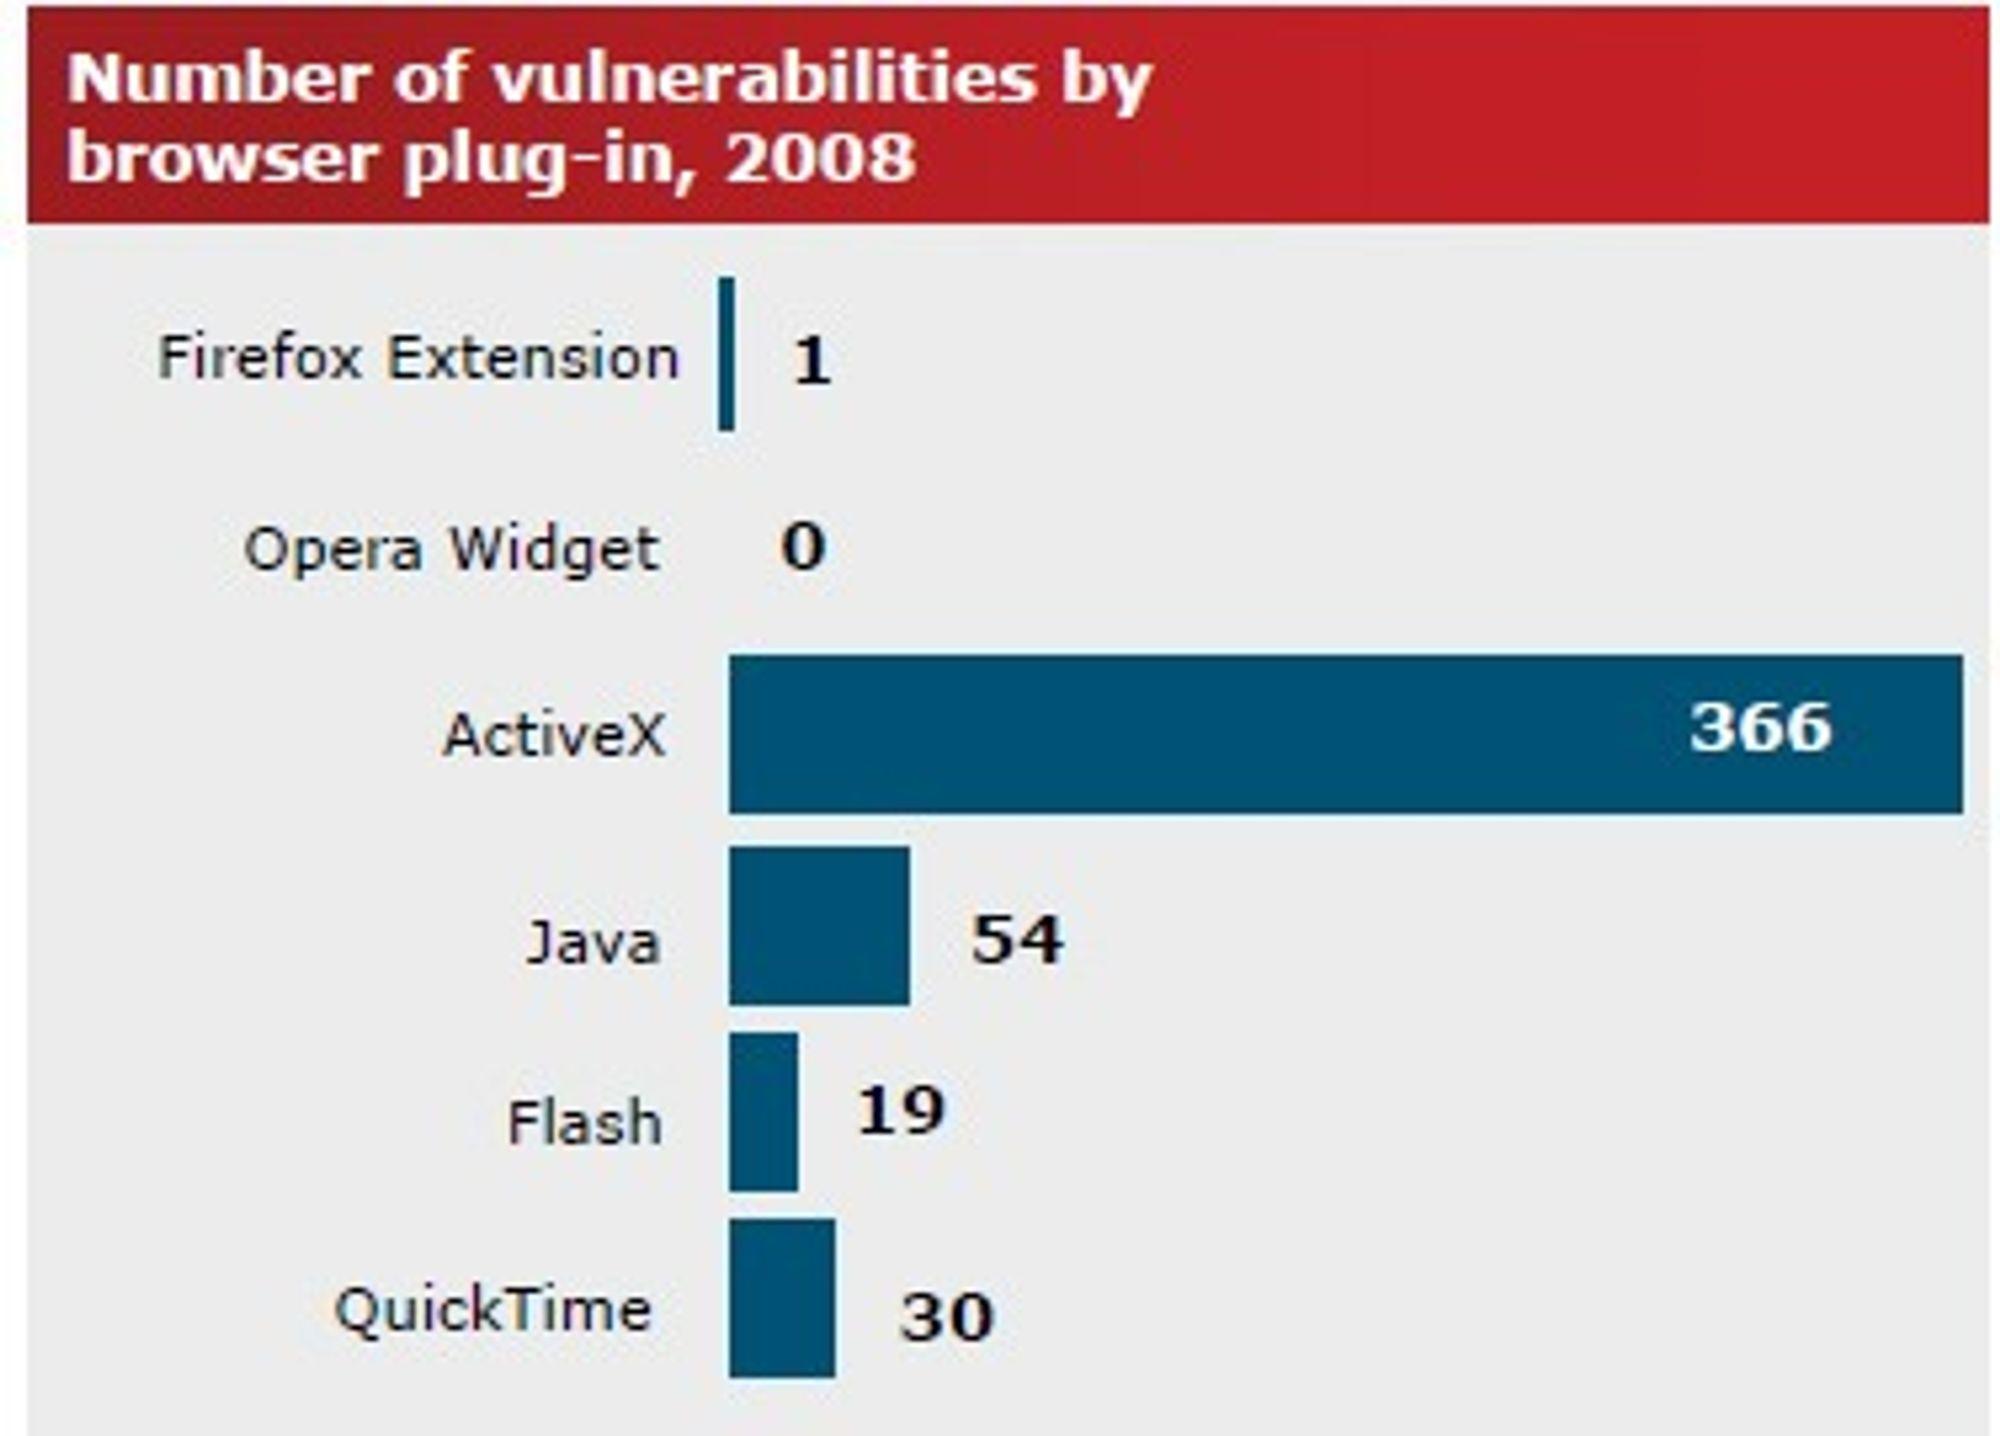 Antall sårbarheter fordelt på nettleser-plugins i 2008.